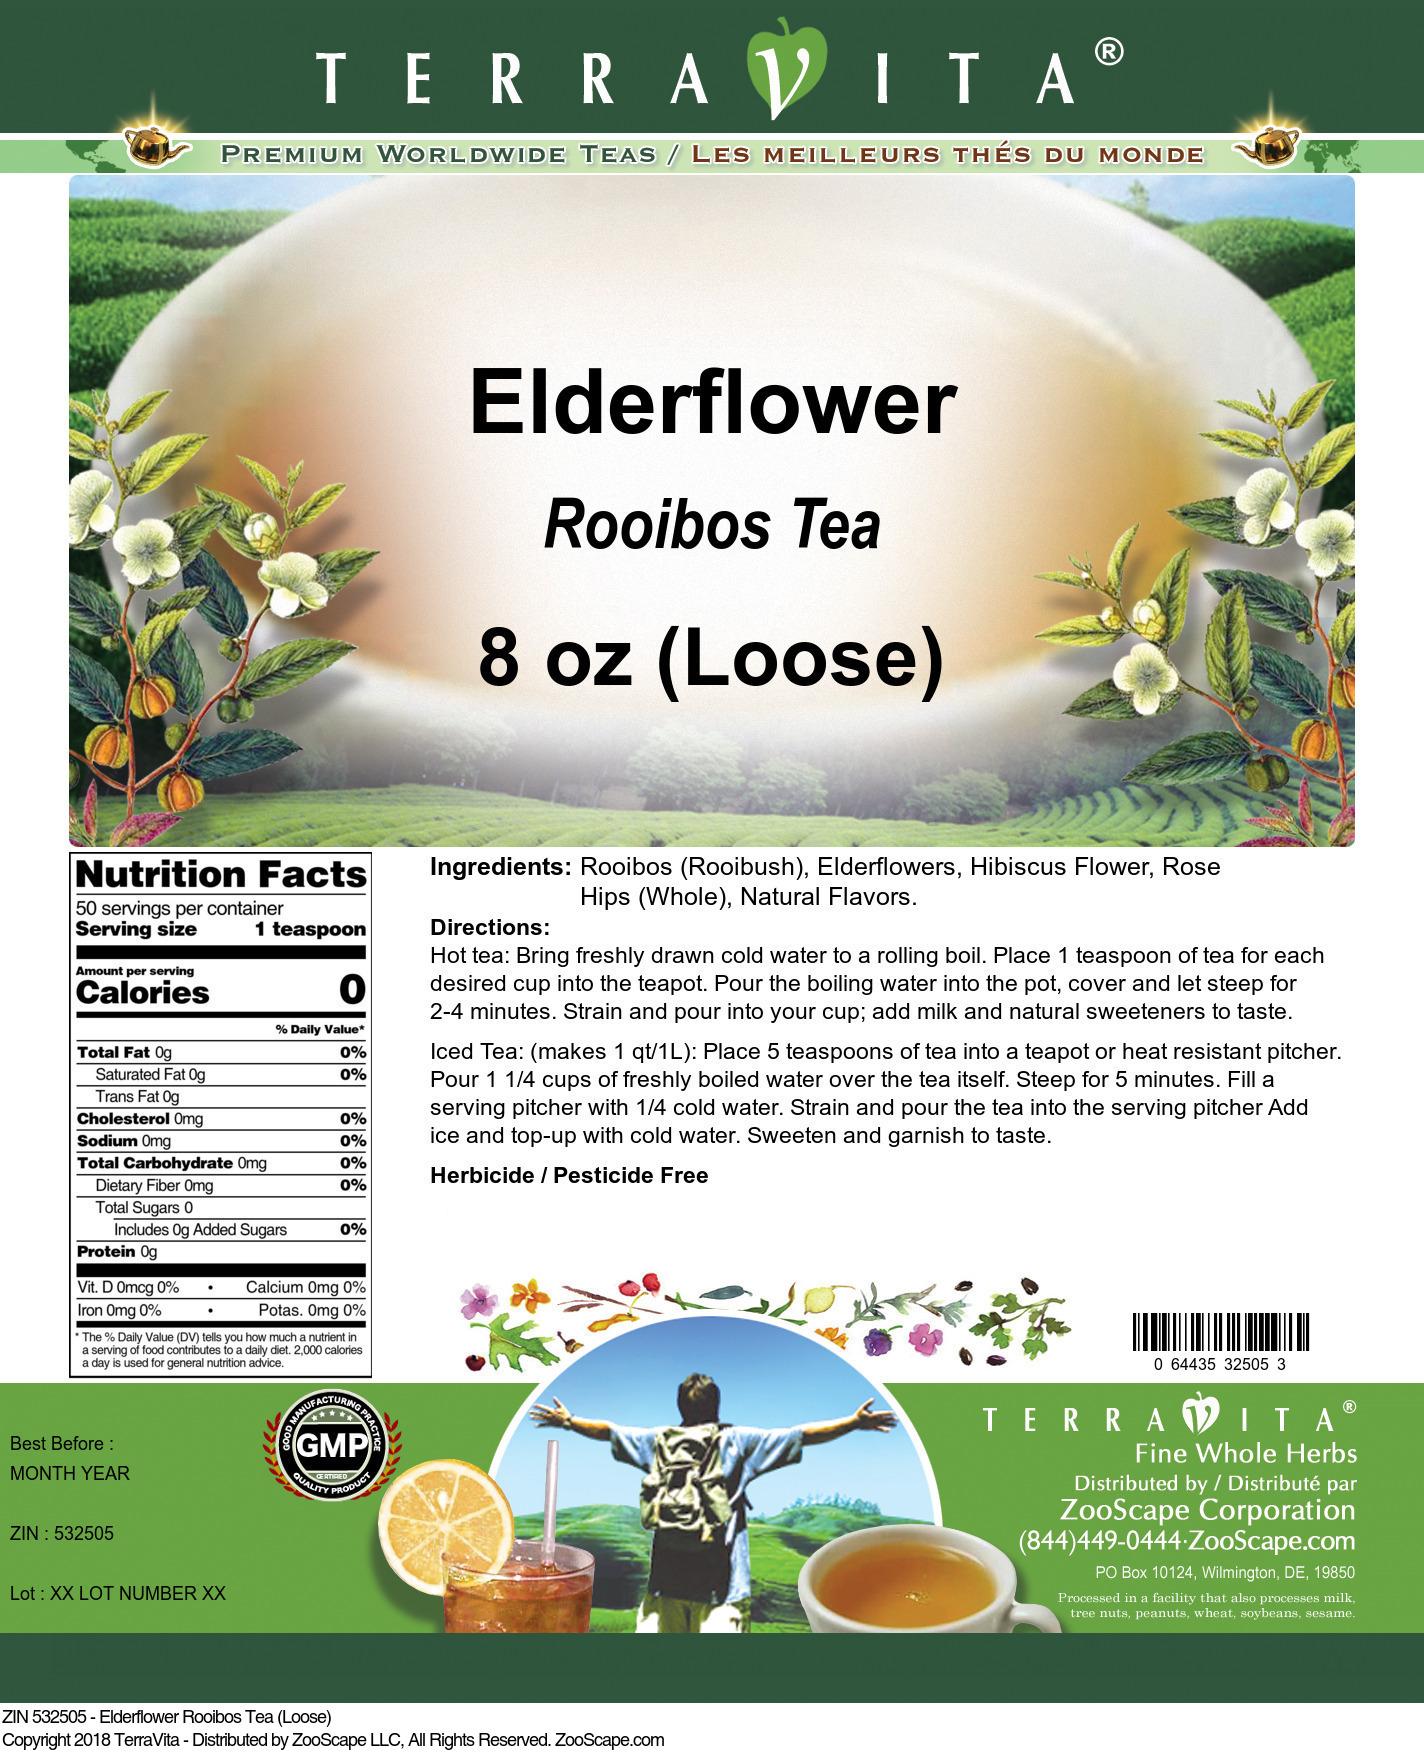 Elderflower Rooibos Tea